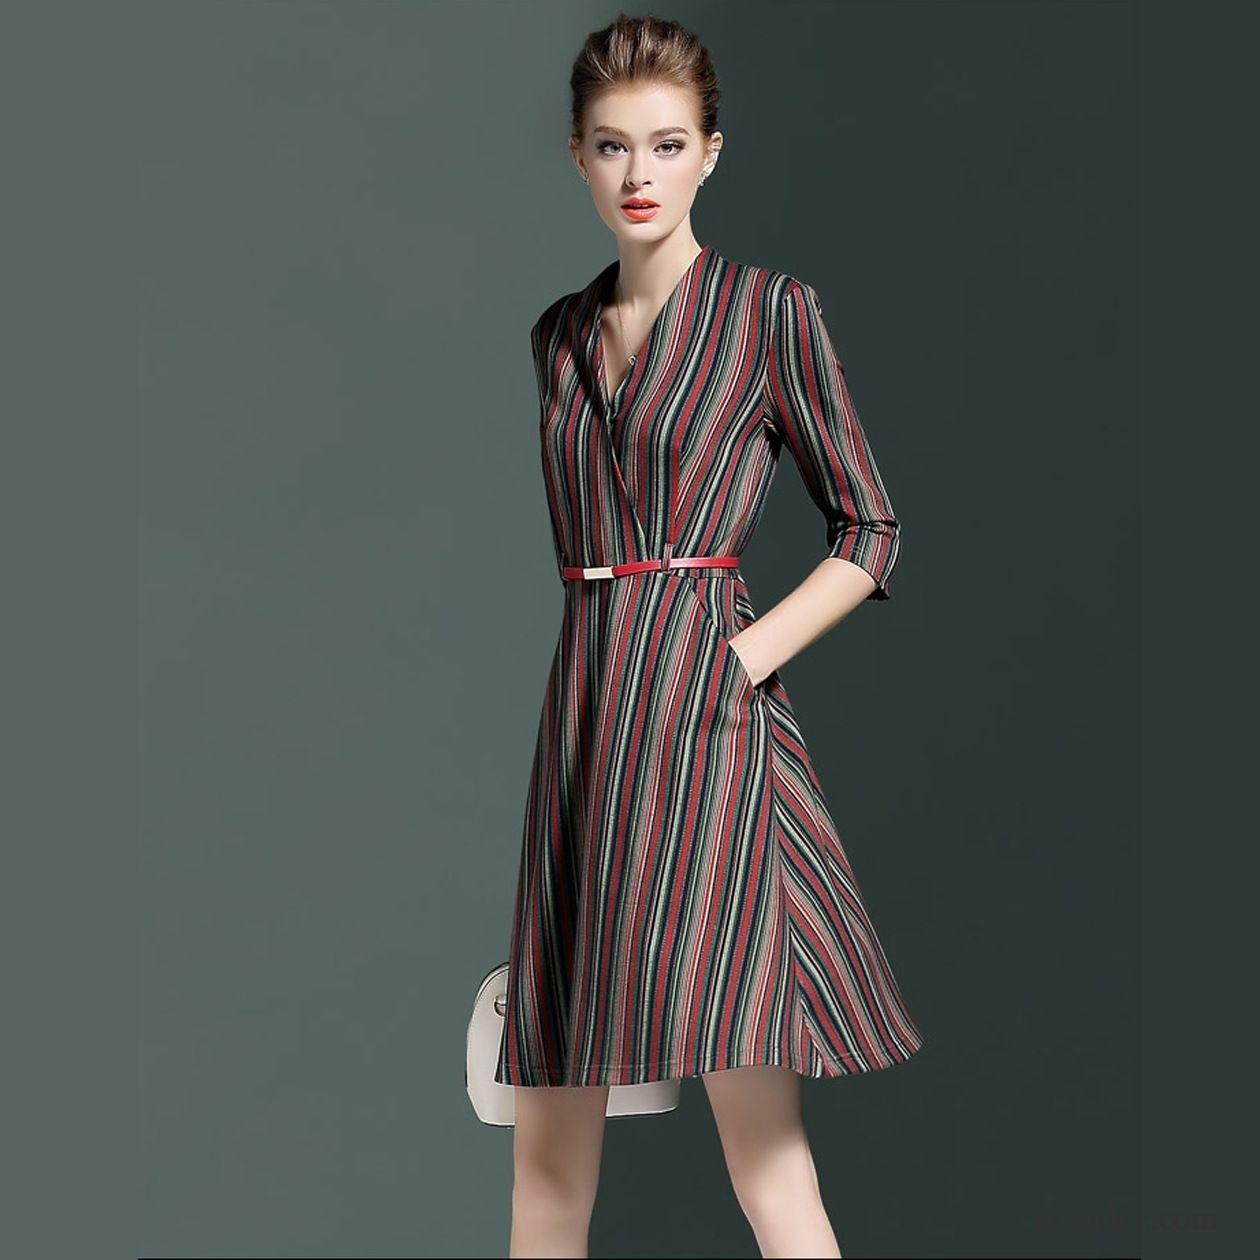 Formal Coolste Herbst Kleider Damen für 2019Abend Schön Herbst Kleider Damen Galerie